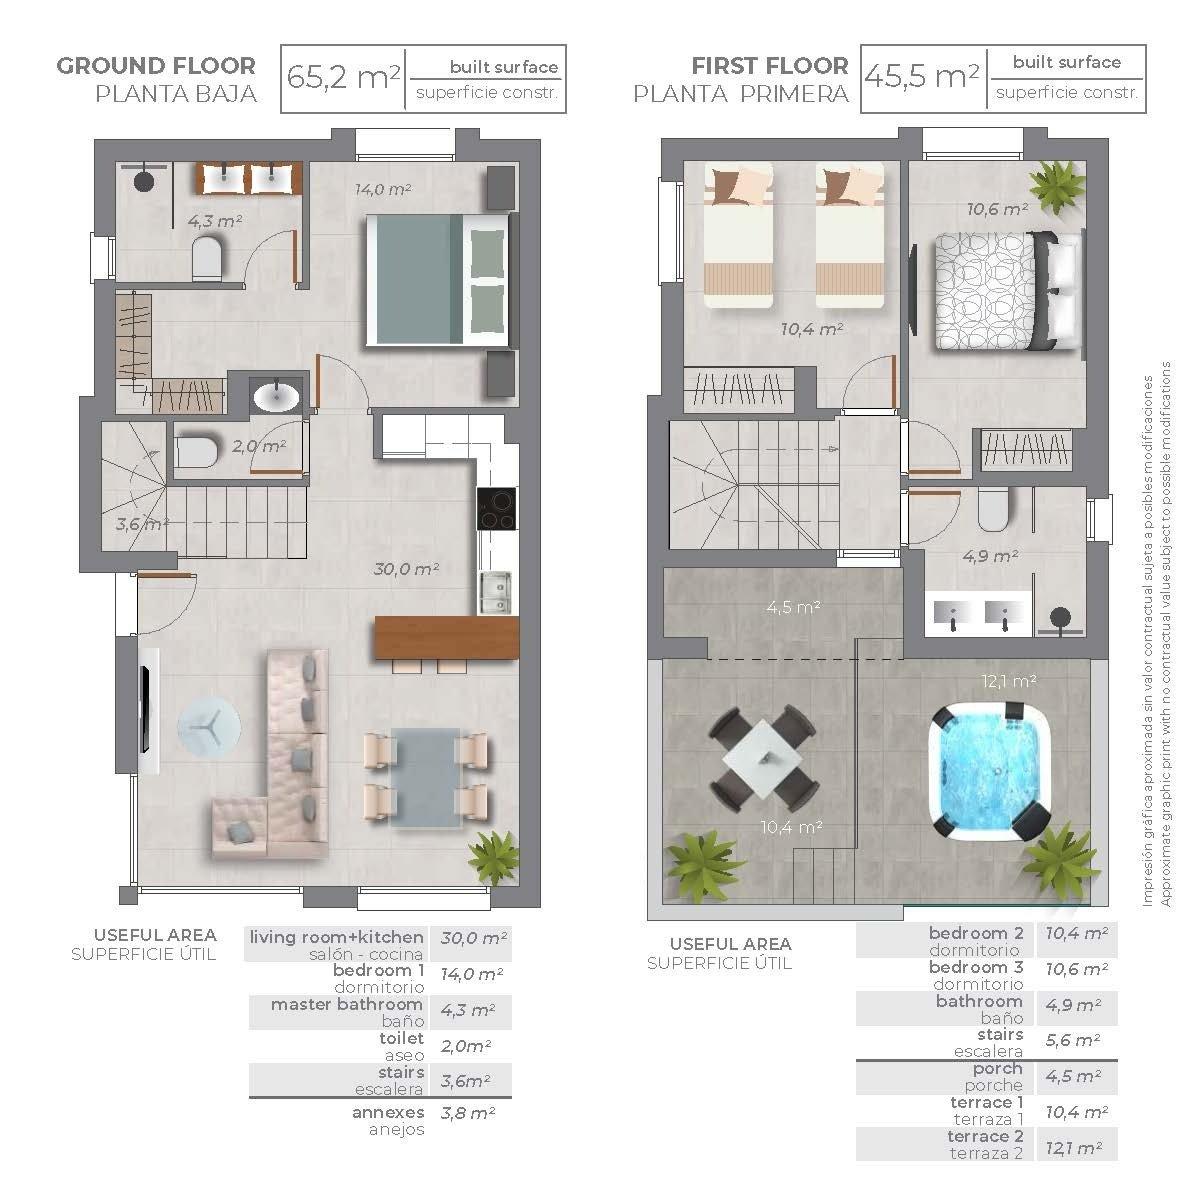 Nuevo residencial ubicado en la conocida urbanización de el raso - imagenInmueble29